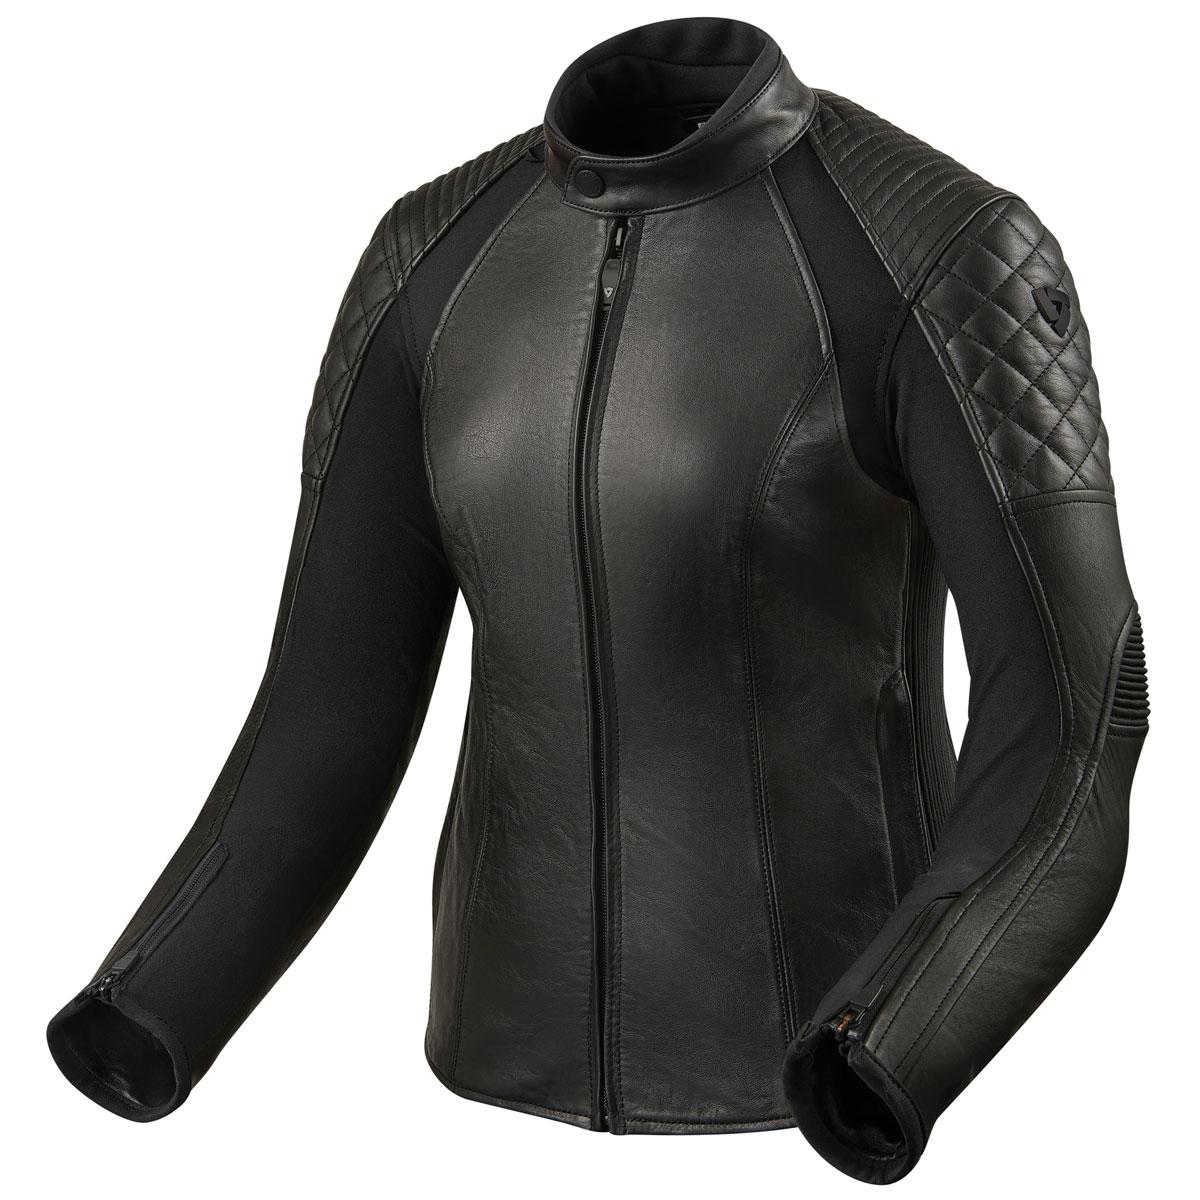 REV'IT! Women's Luna Black Leather Jacket